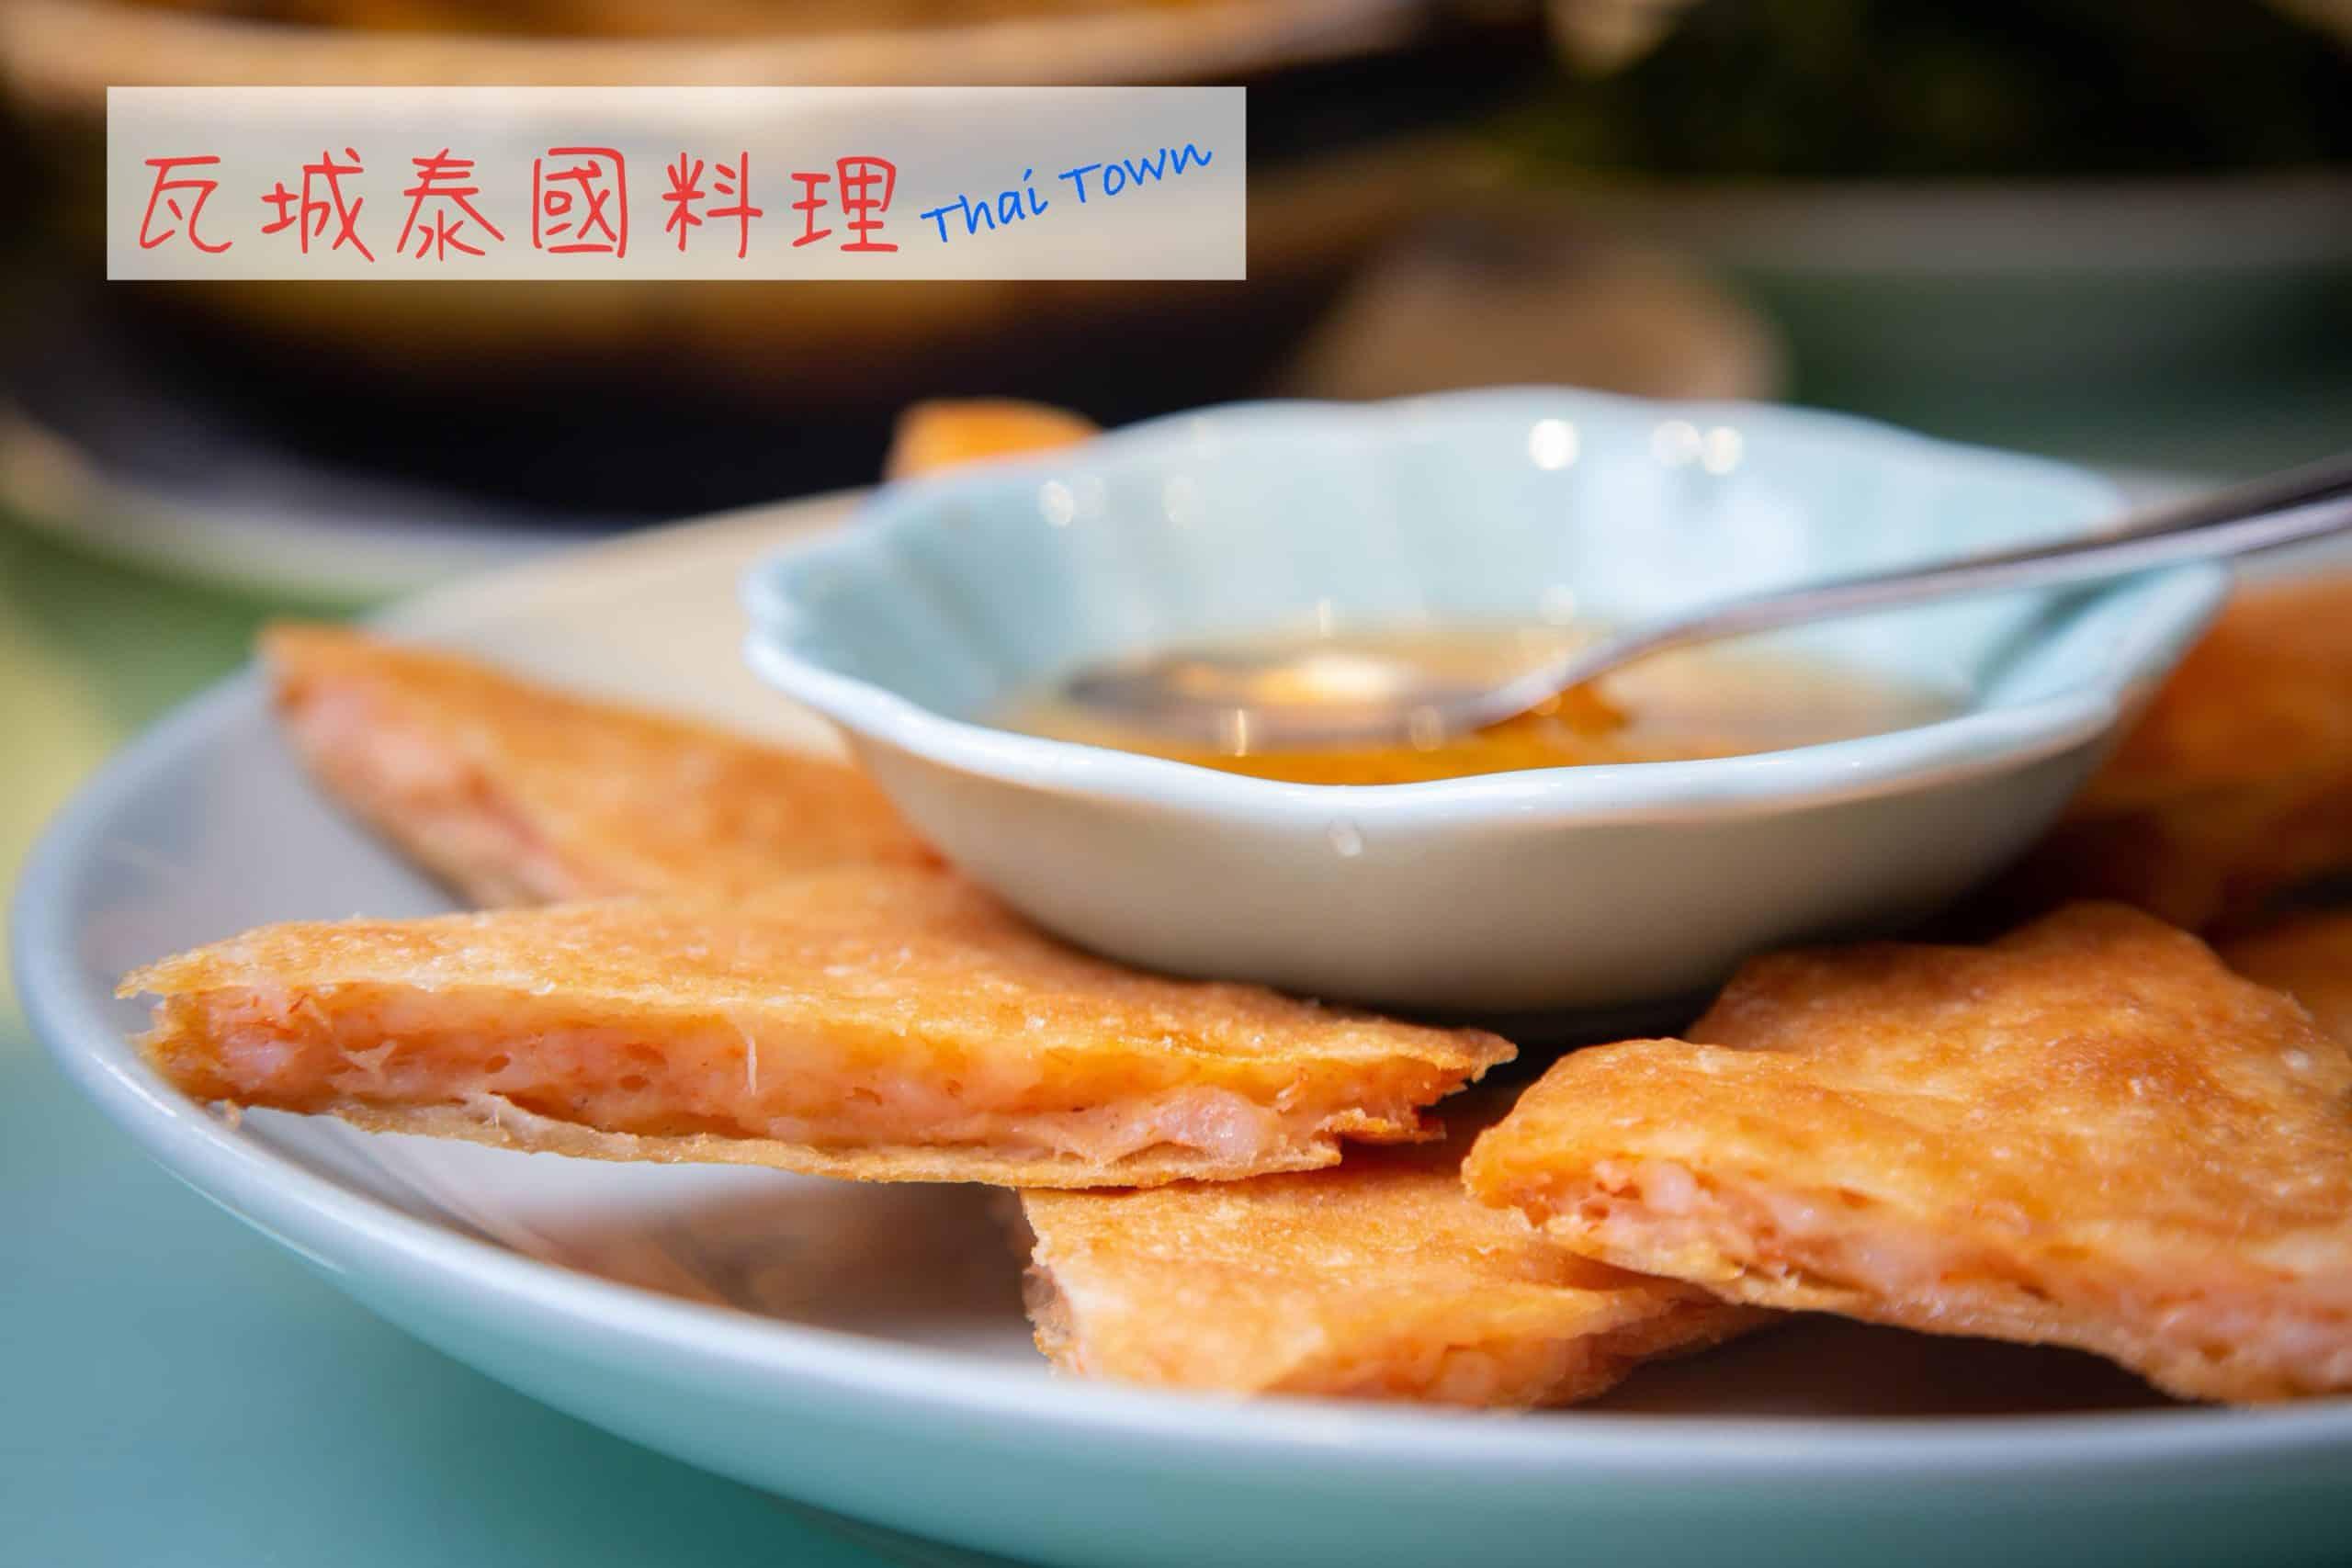 大江購物中心美食、瓦城泰國料理 傳說中桃園最好吃的瓦城分店!經典泰式料理全都有,使用振興券指定菜色六折